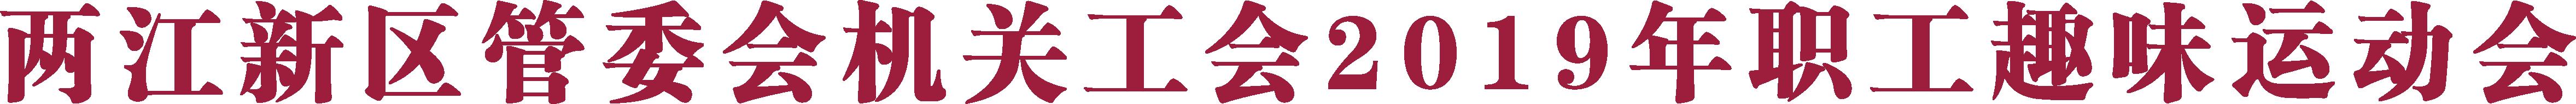 两江新区管委会机关工会2019年职工趣味运动会.png